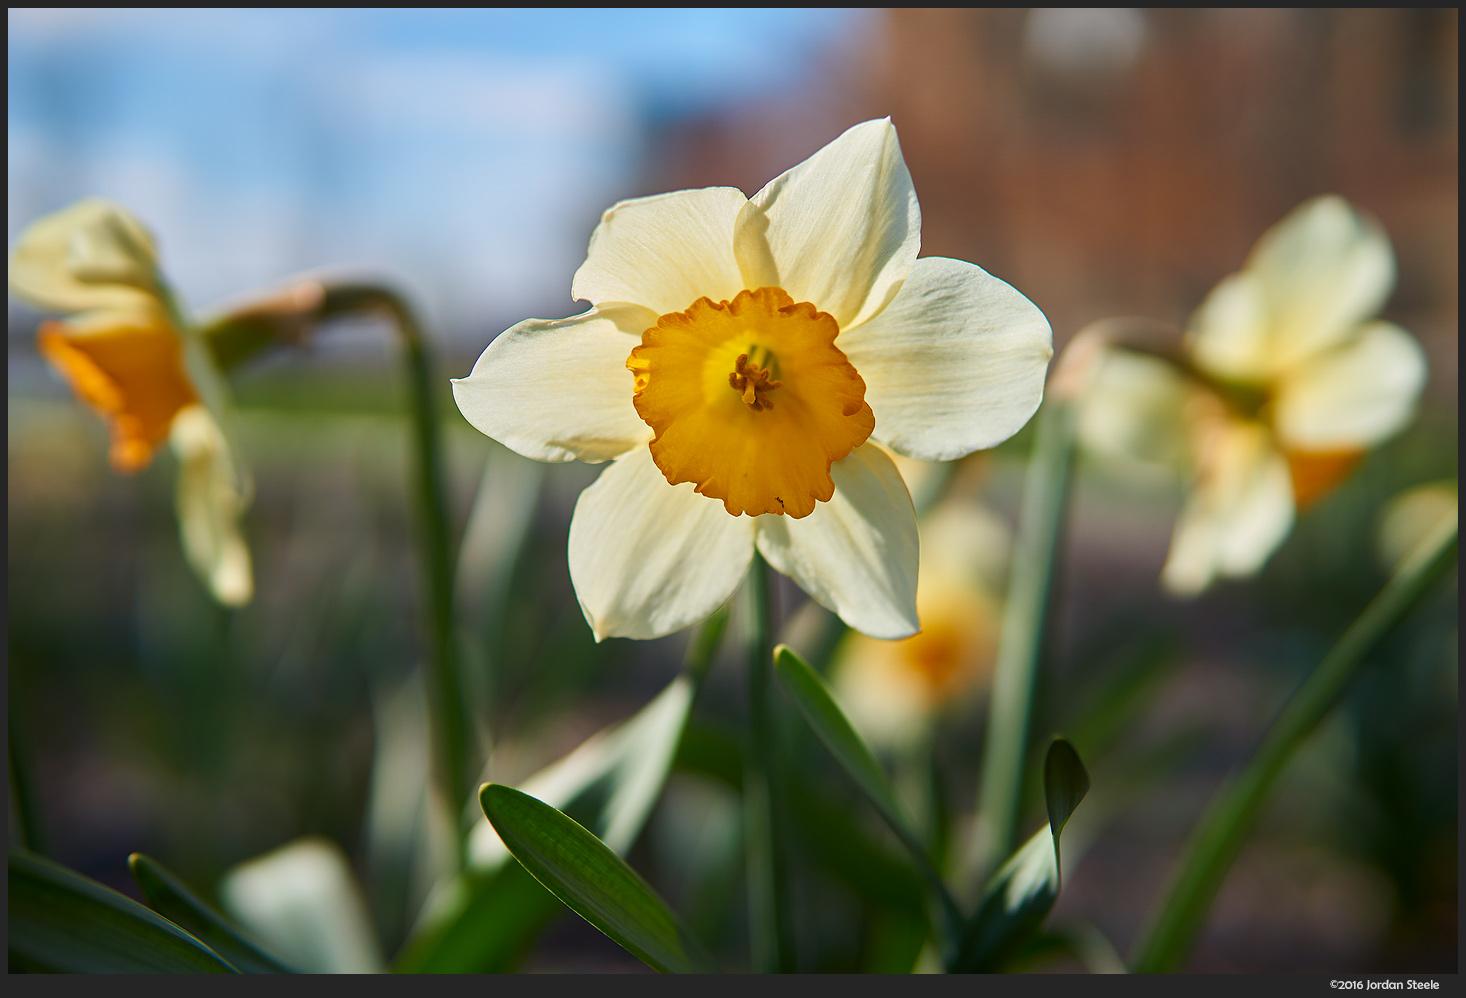 Daffodils - Sony a6000 with Sigma 30mm f/1.4 DC DN @ f/2